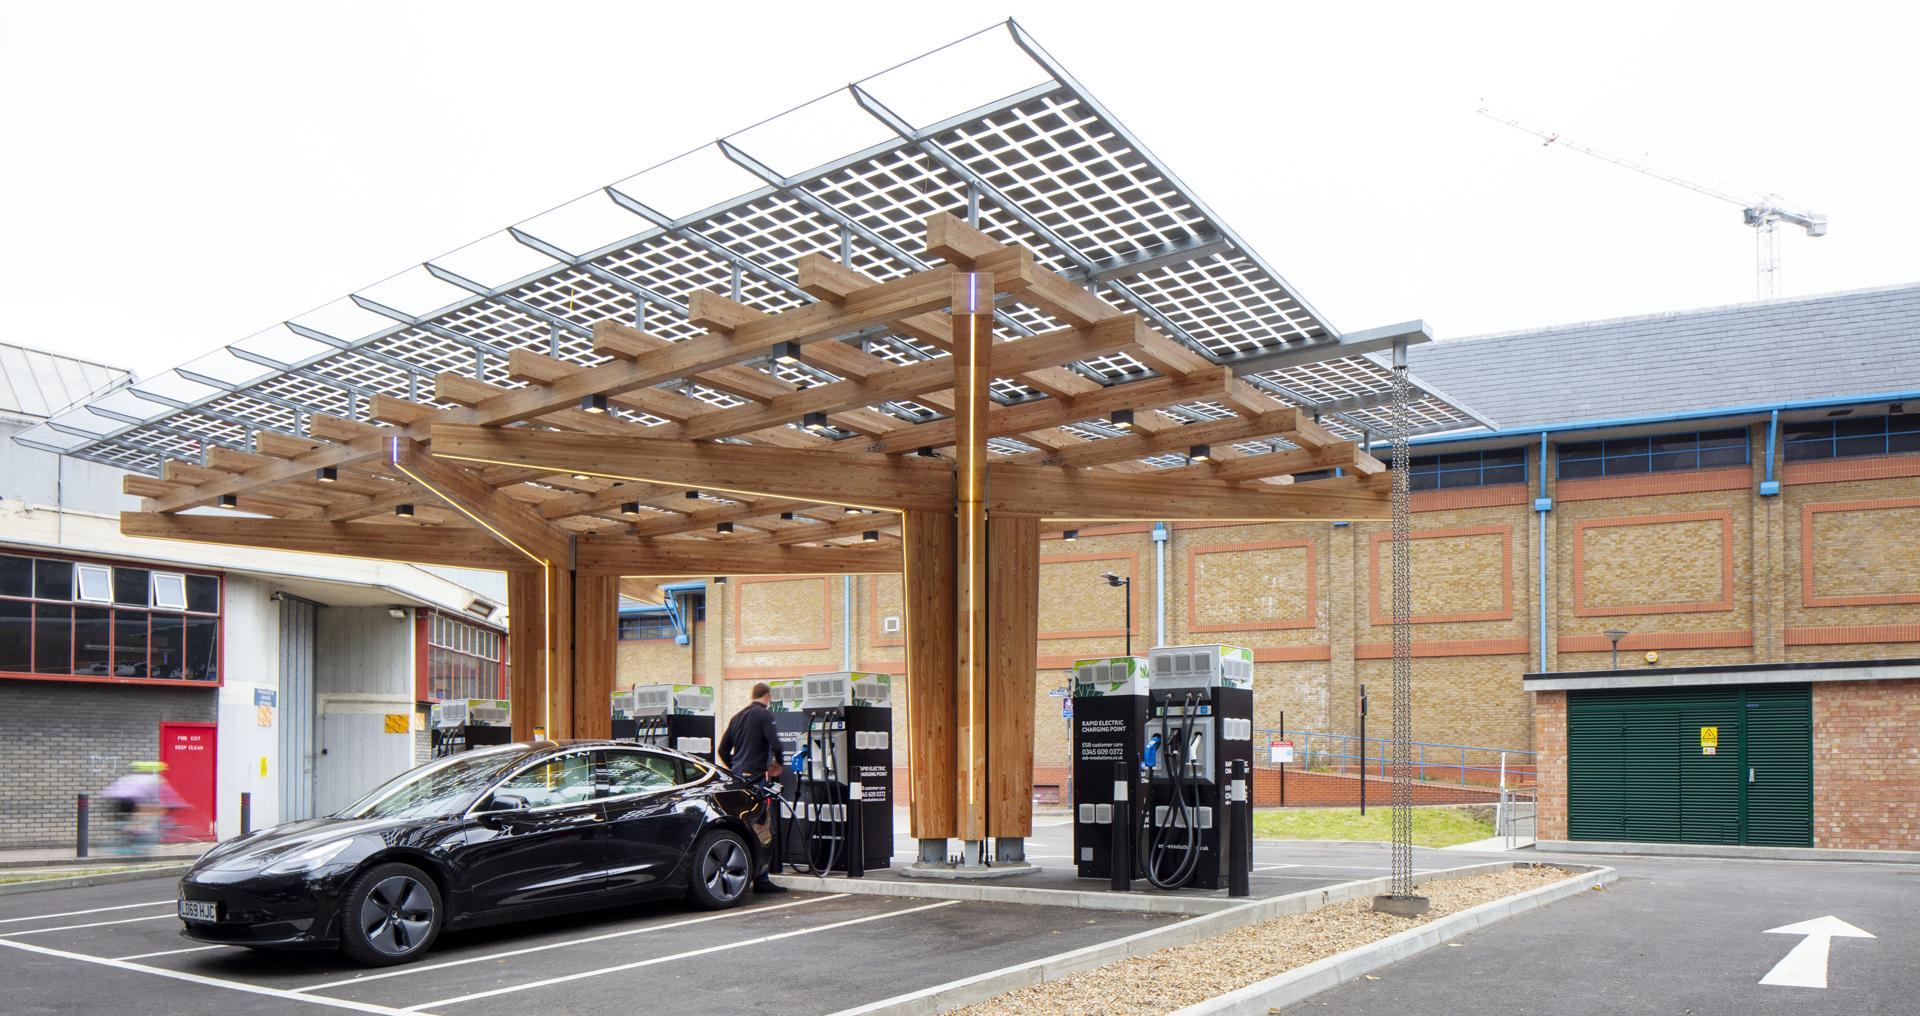 Siemens ESB Energy Mobility Hub